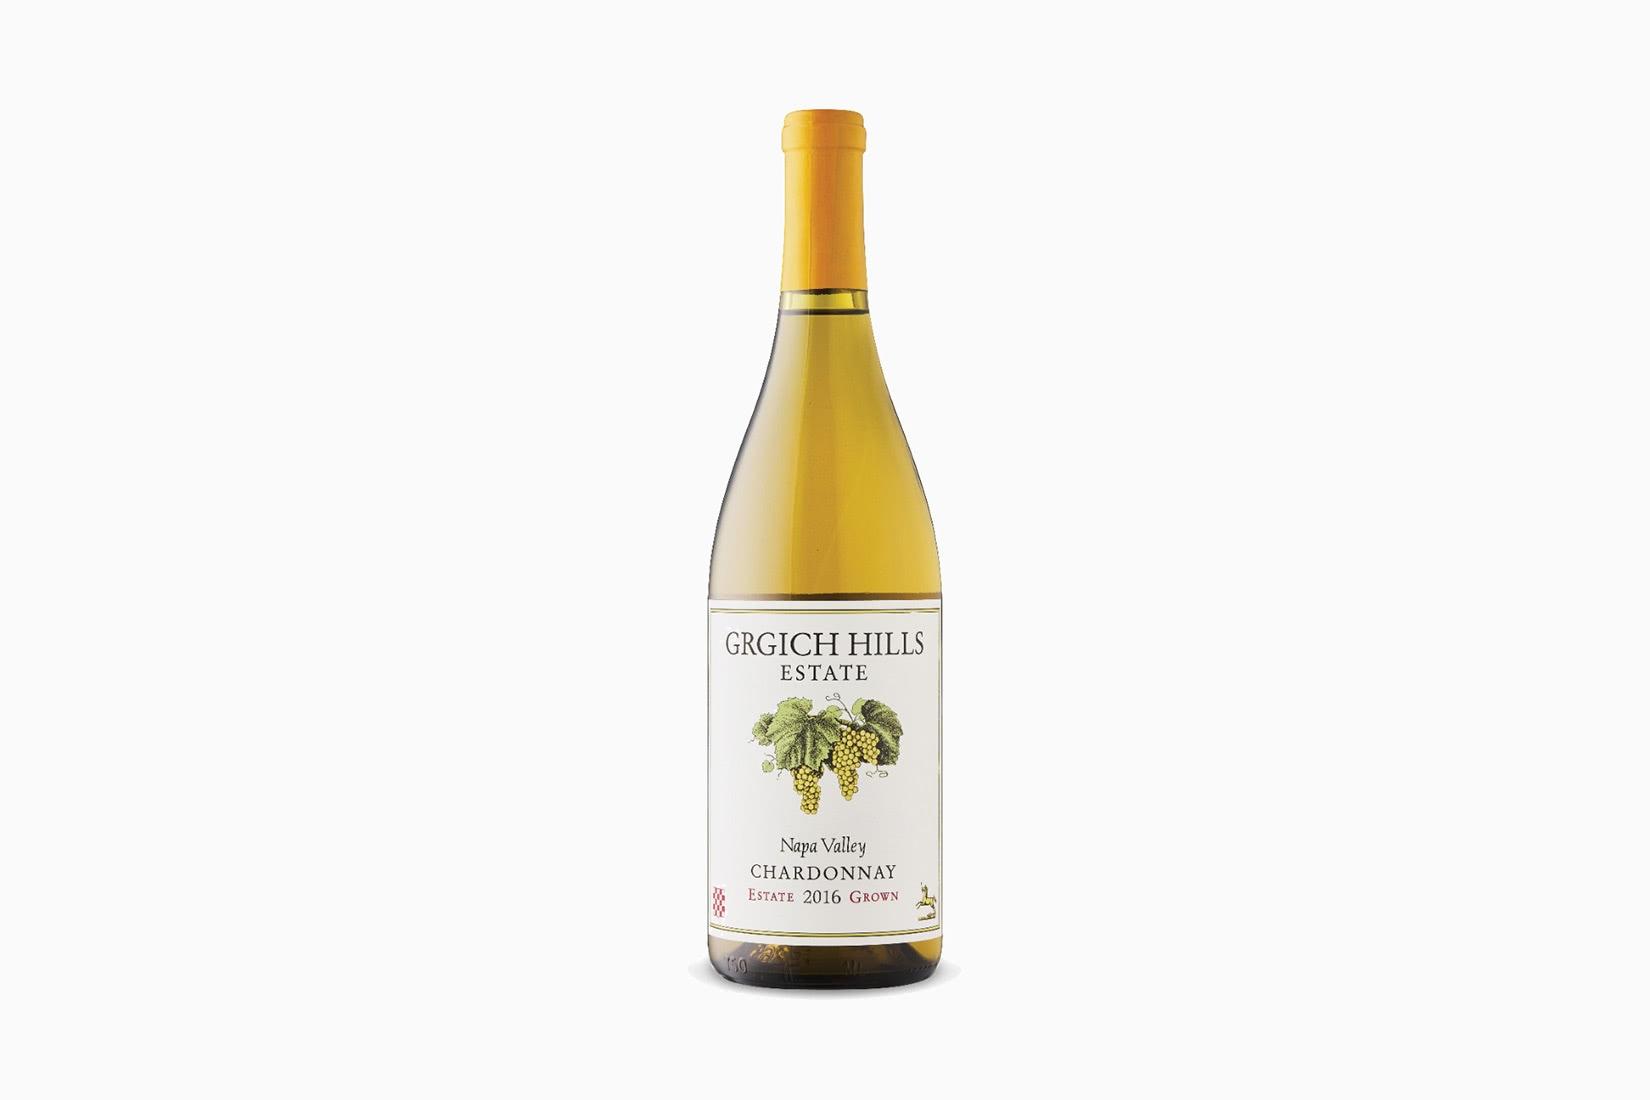 best wine grgich hills estate chardonnay - Luxe Digital